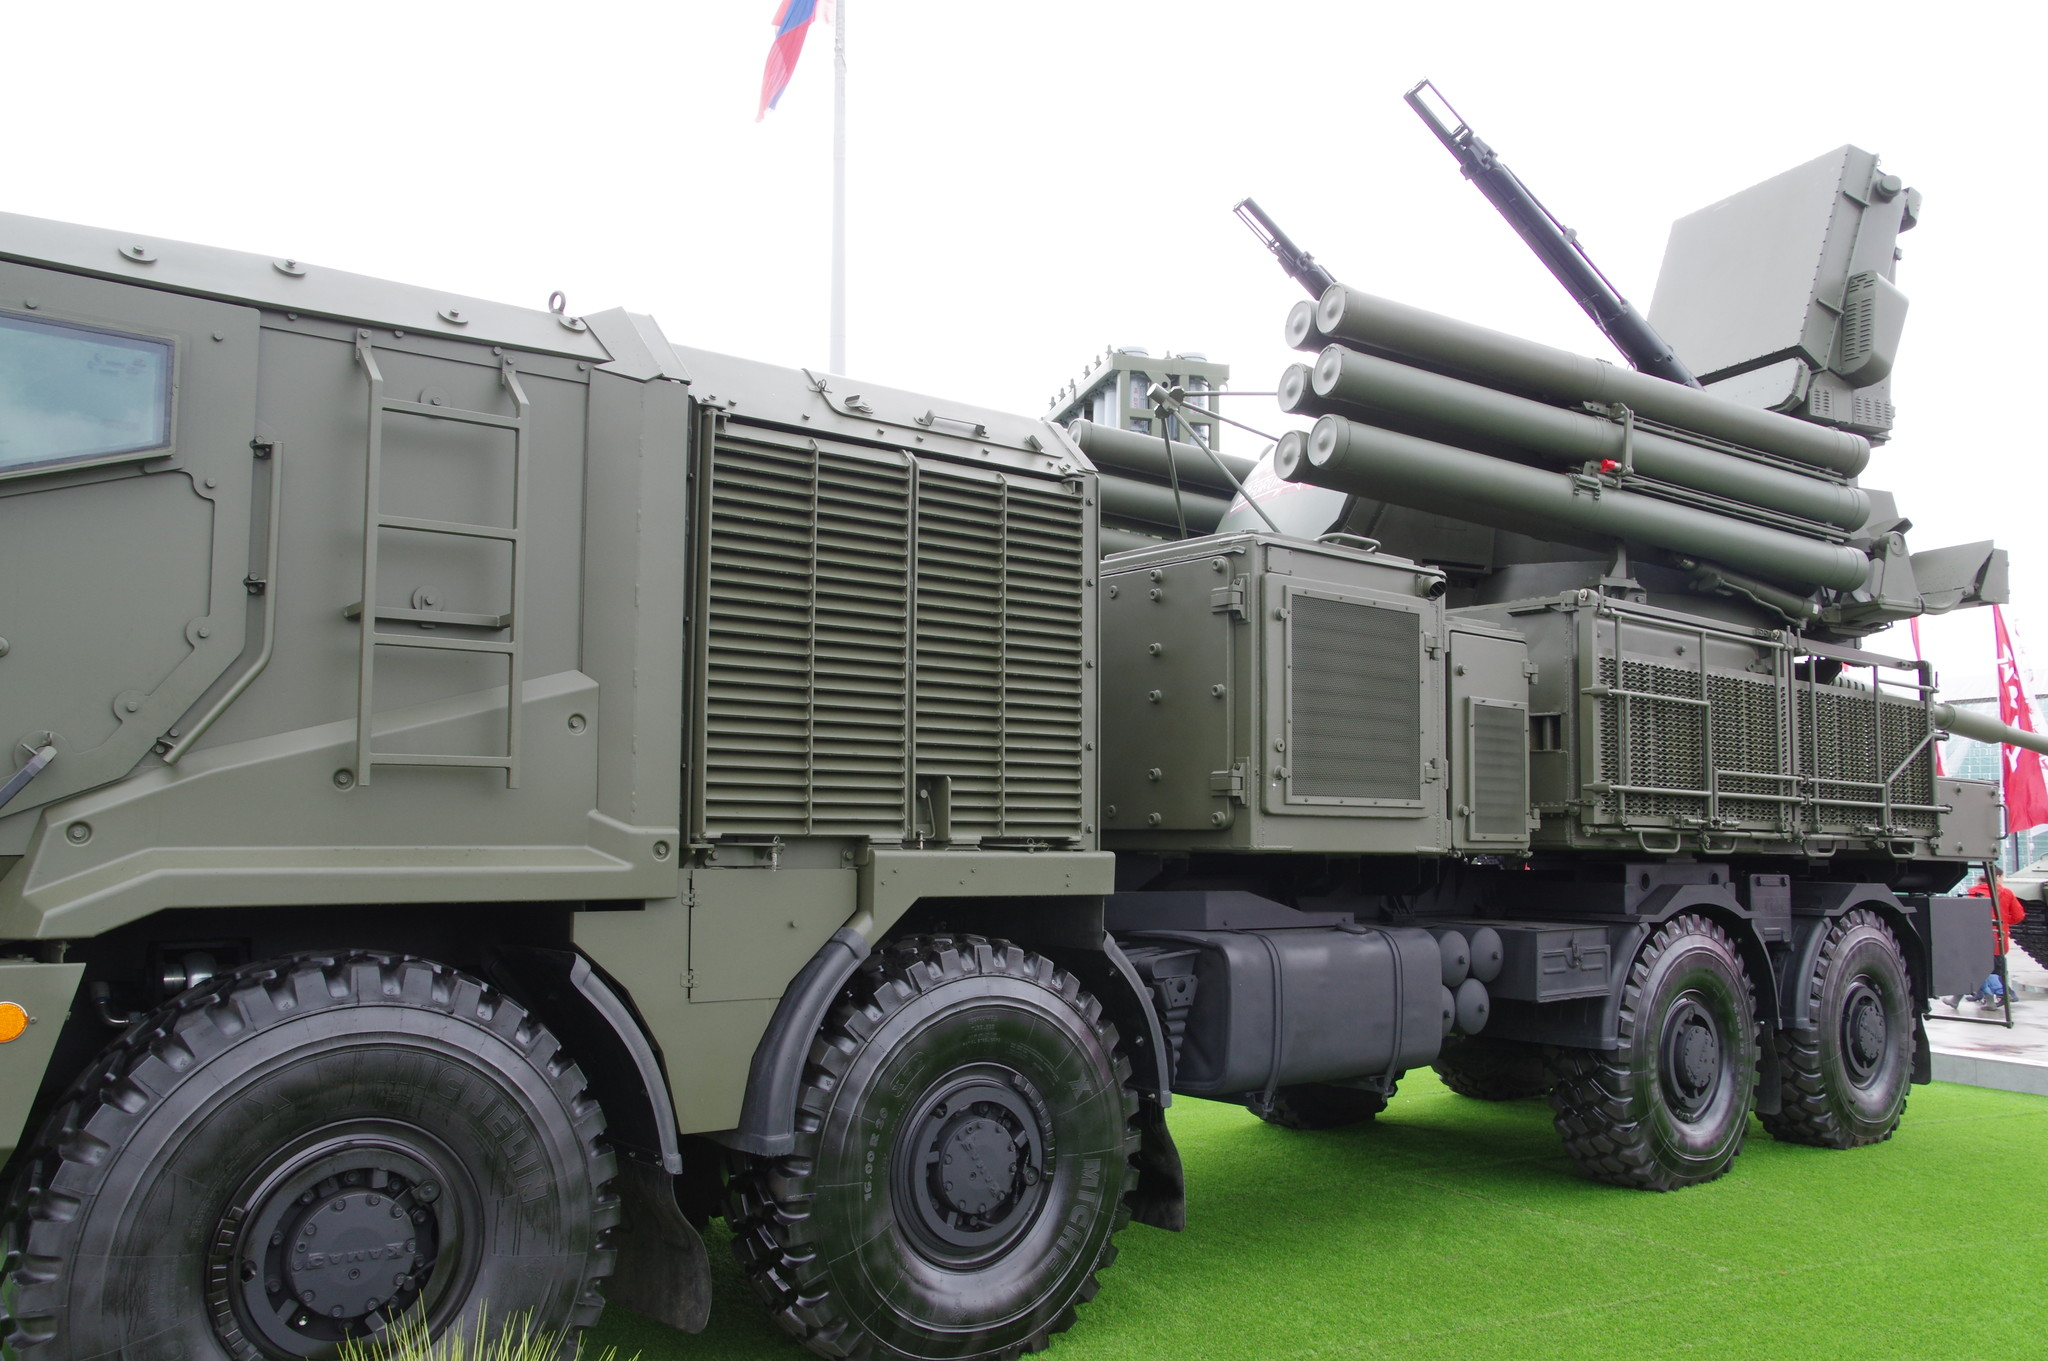 Зенитный ракетно-пушечный комплекс ближнего действия «Панцирь-СМ»